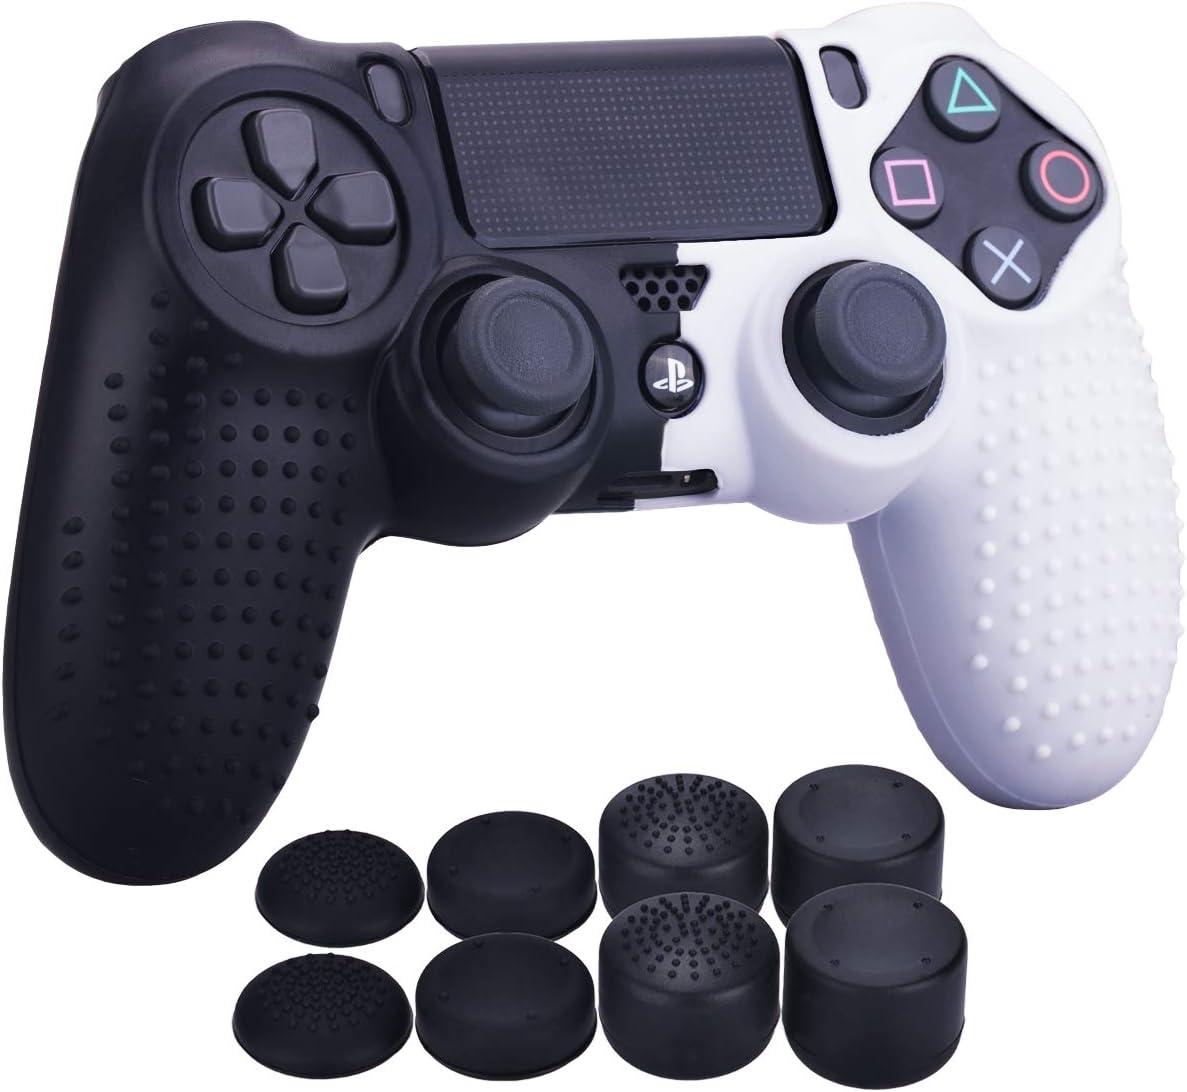 YoRHa Tachonado Puntos Silicona Caucho Gel Personalizando Cubrir Fundas Cover para Sony PS4/Slim/Pro Mando x 1 (Negro&Blanco) Con Pro Asideros Thumb Grips x 8